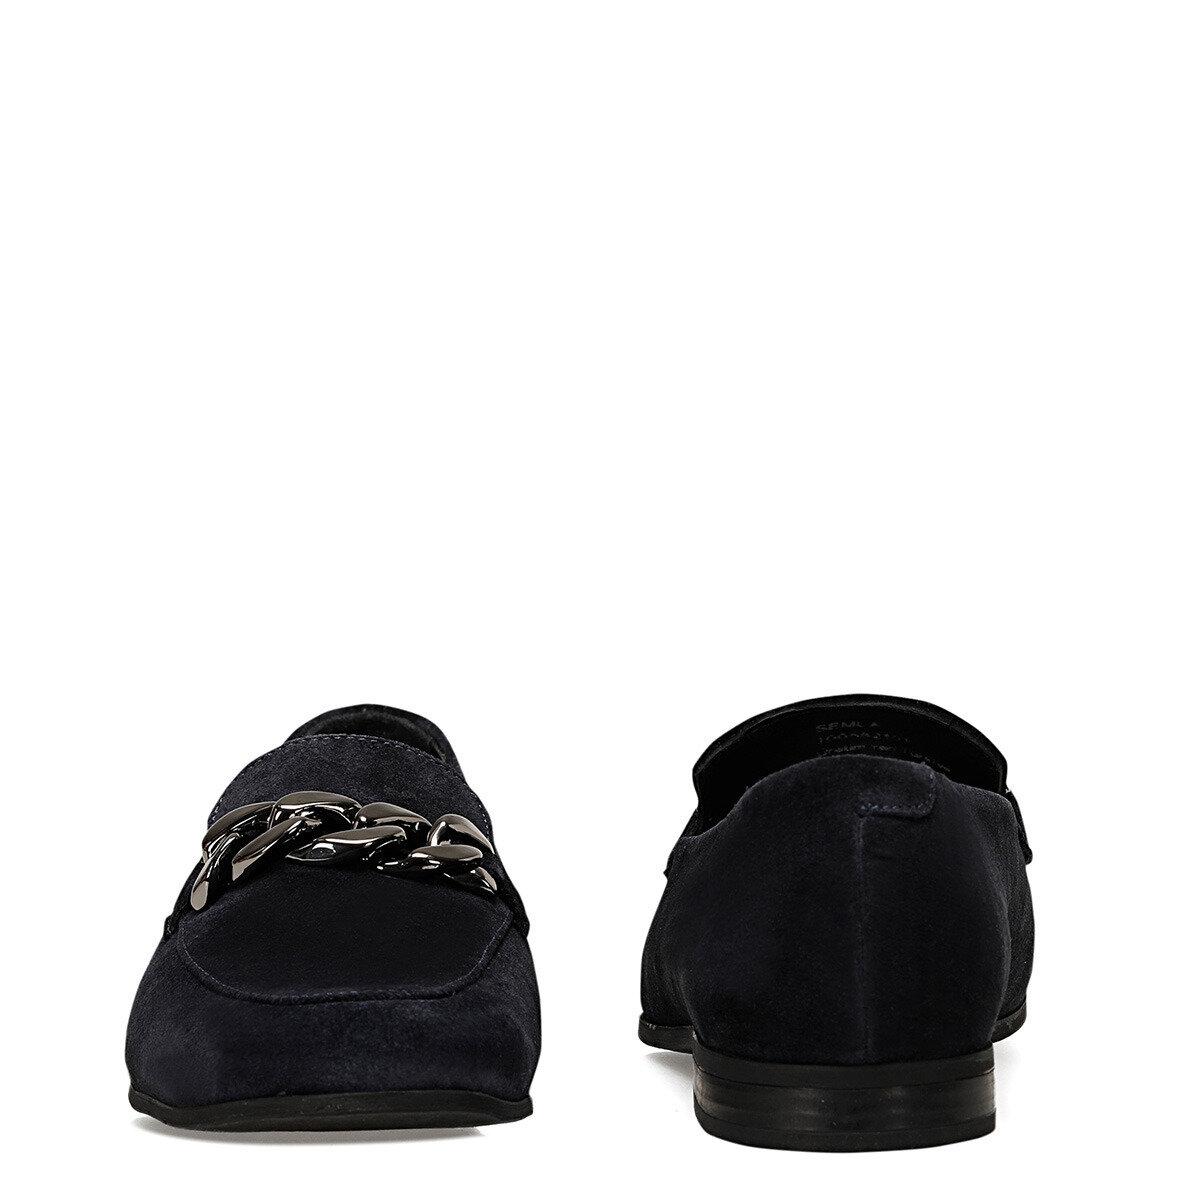 SEMLA Lacivert Kadın Loafer Ayakkabı